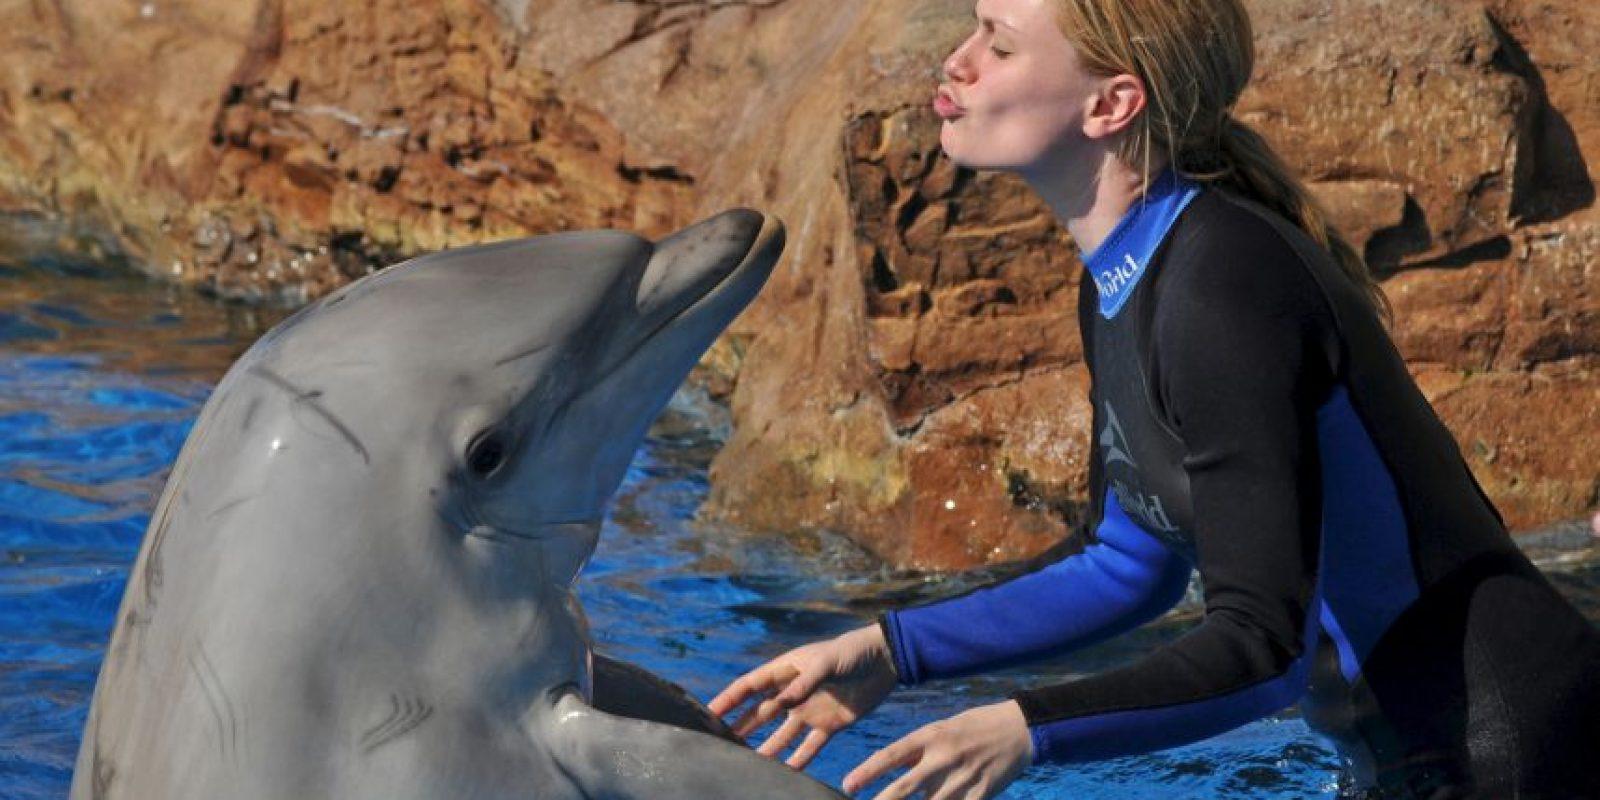 Se ha visto que, cuando uno delfín de un grupo está lastimado, los demás acudirán inmediatamente a ayudarle Foto:Getty Images